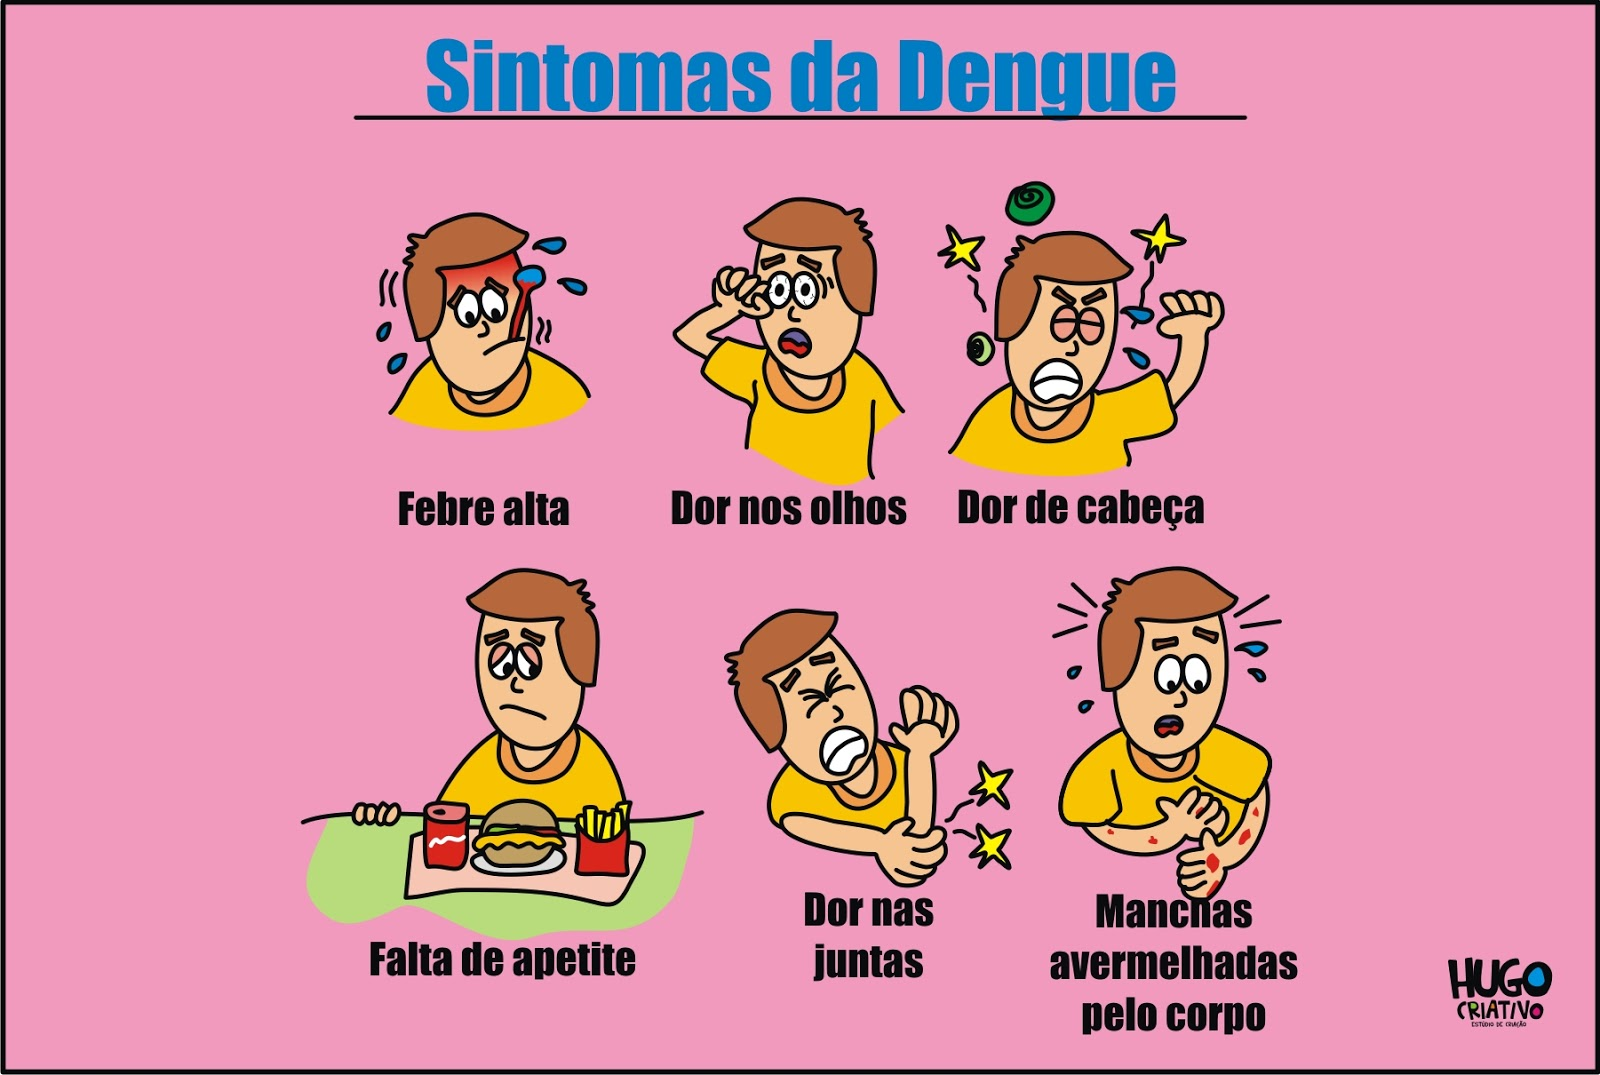 Ilustracao Dengue Hugo Criativo Estudio De Criacao